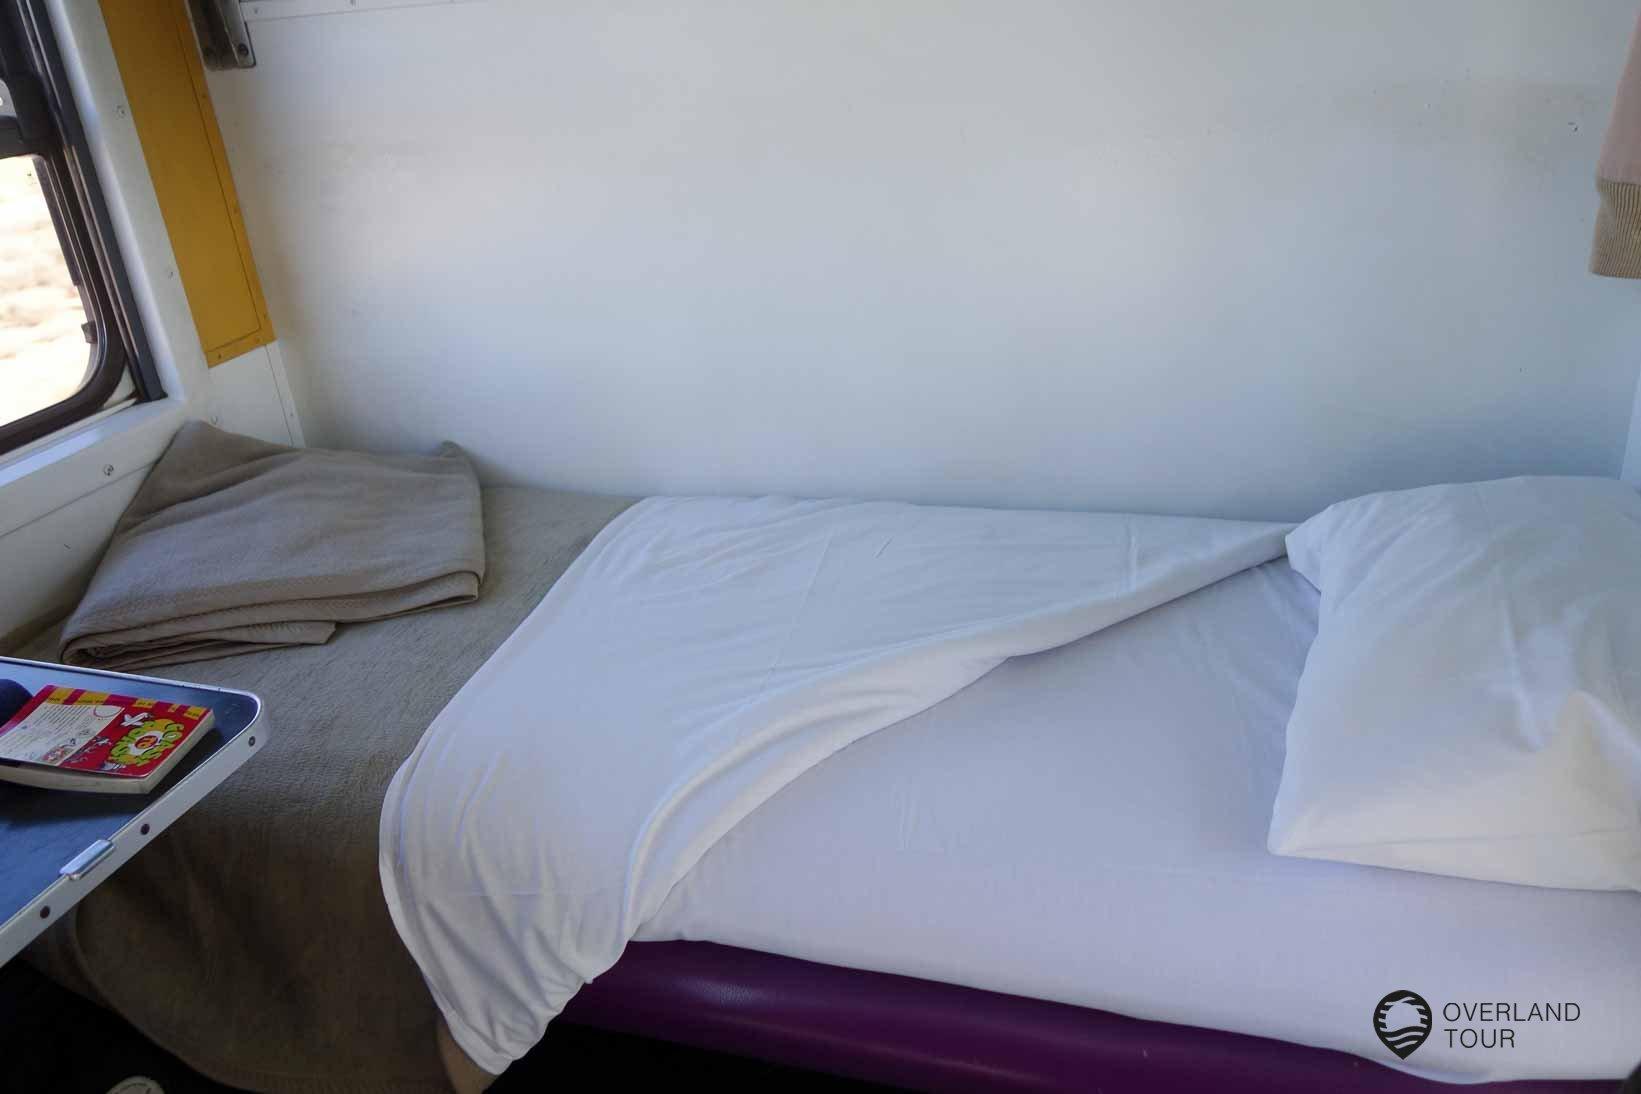 Sitzplatz zum Bett umgebaut mit frischer Bettwäsche